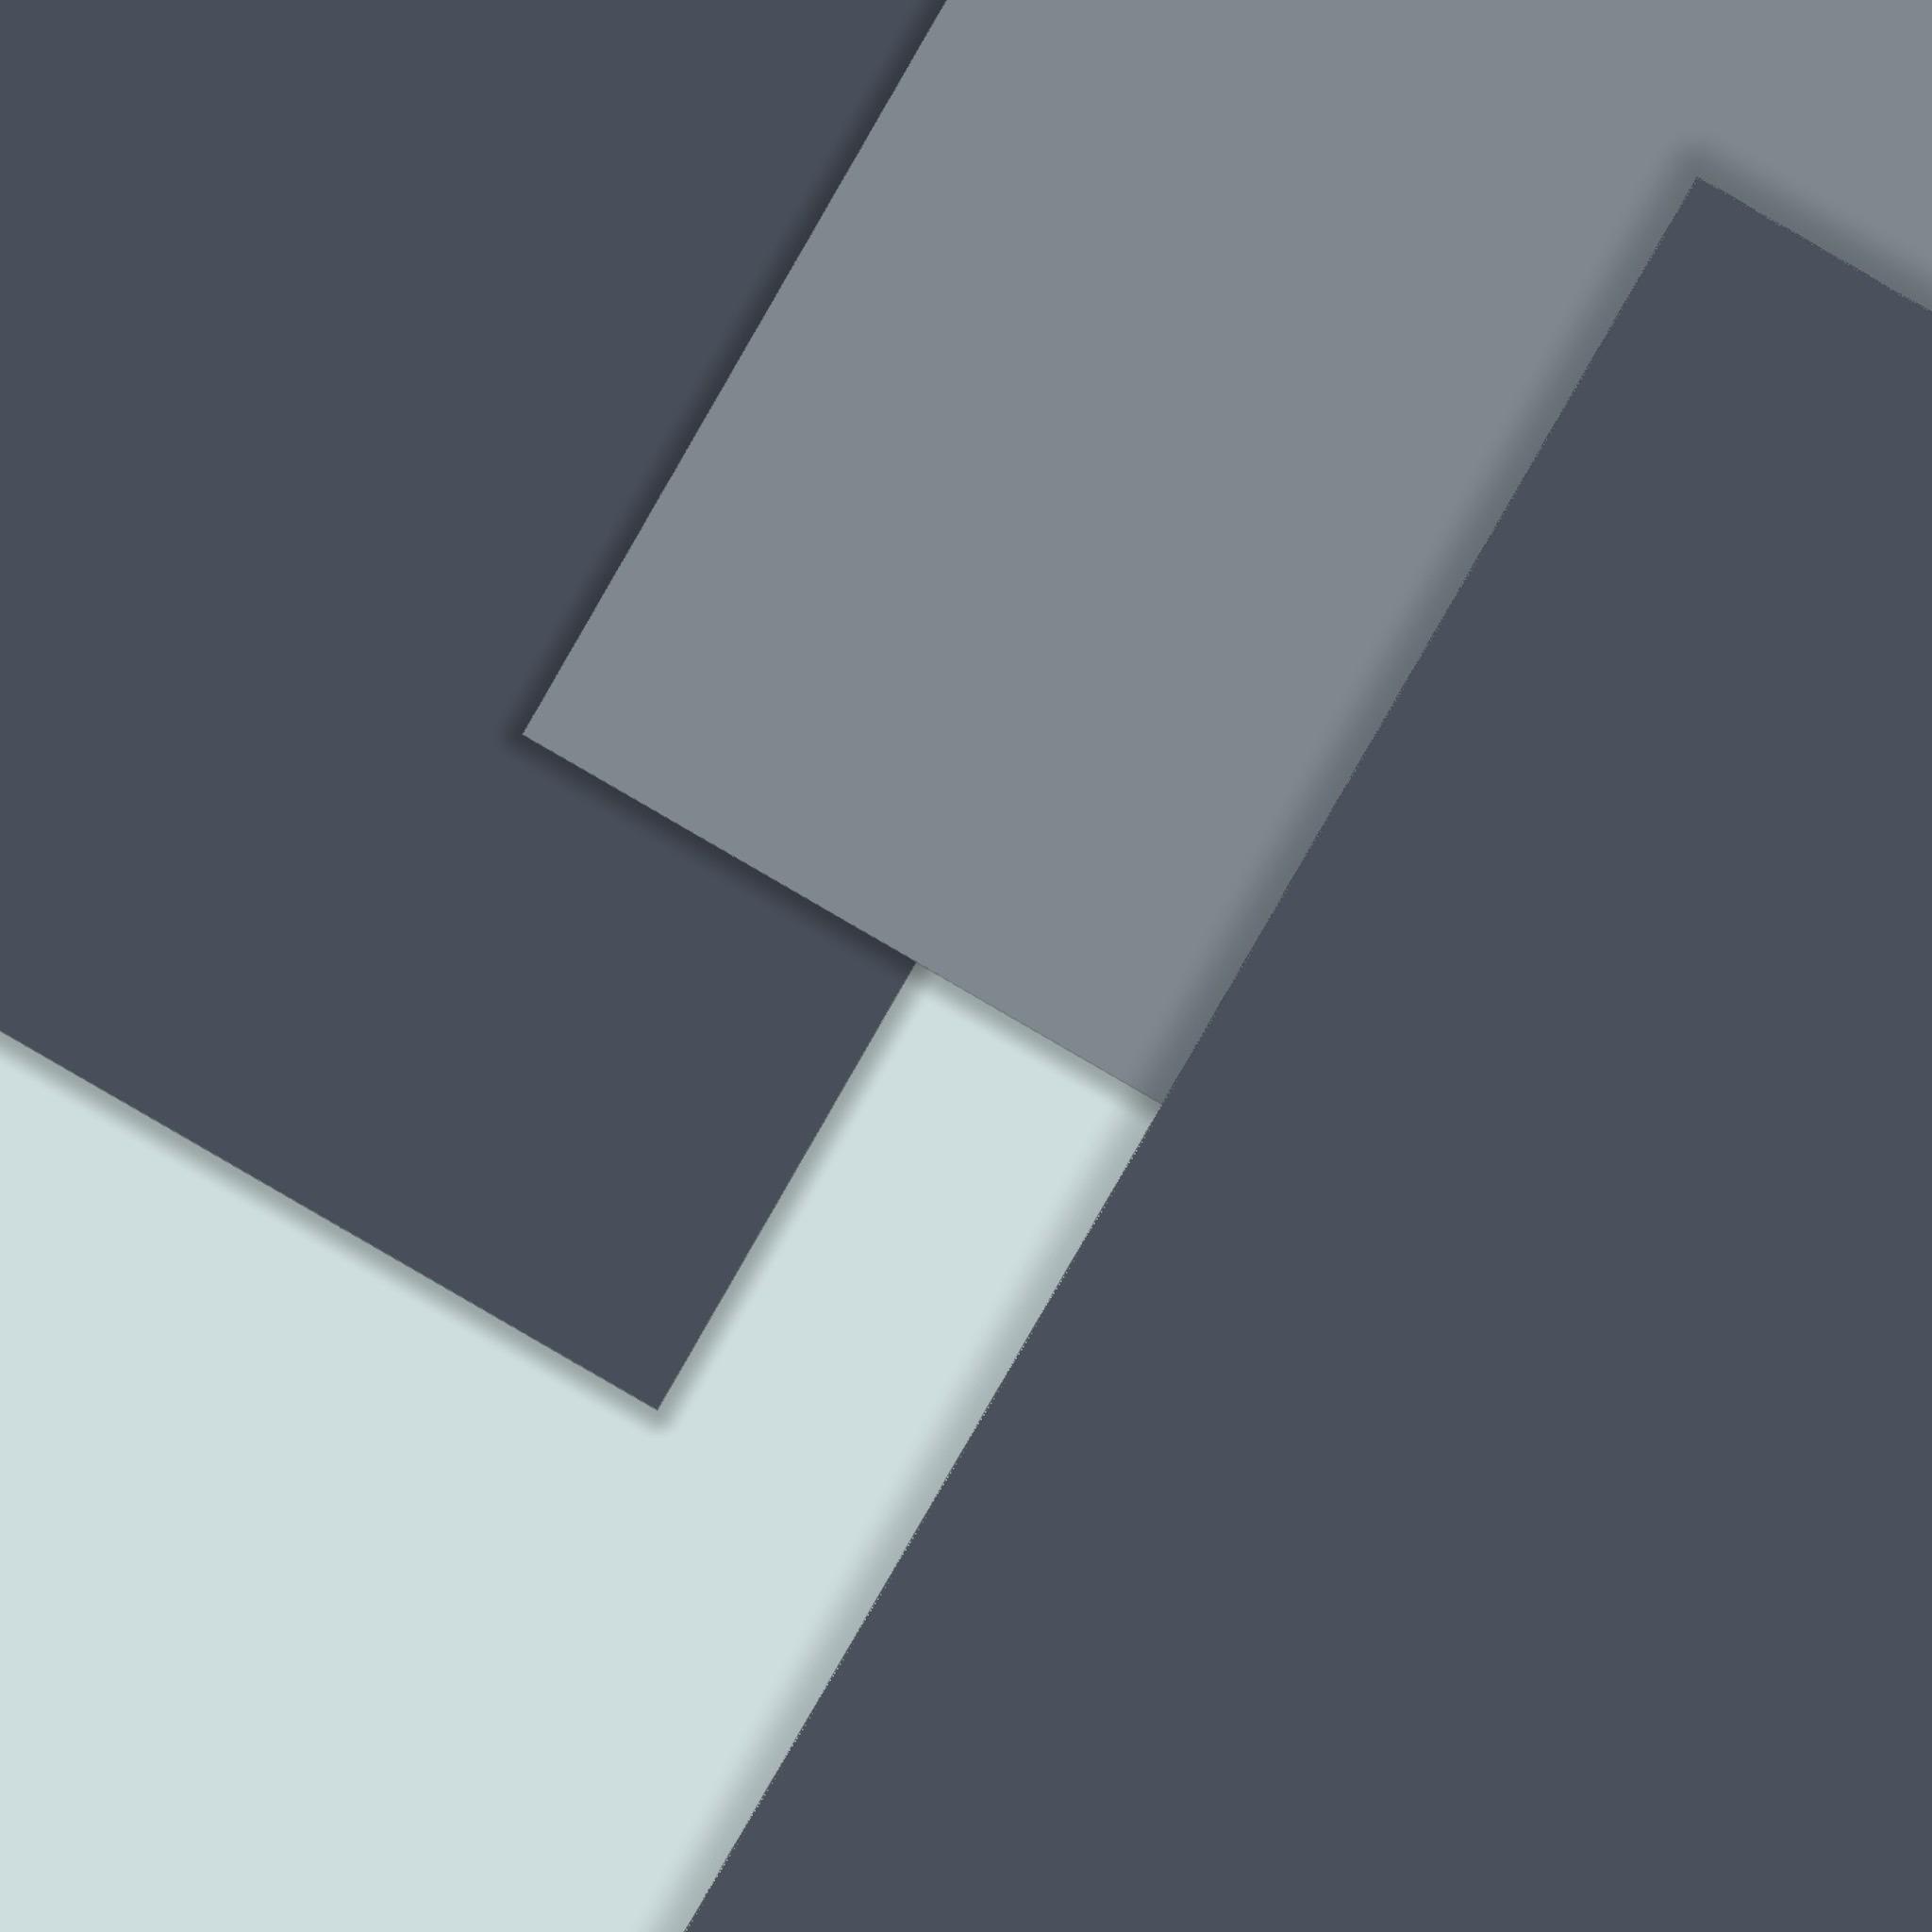 material_design_wallpaper (2)